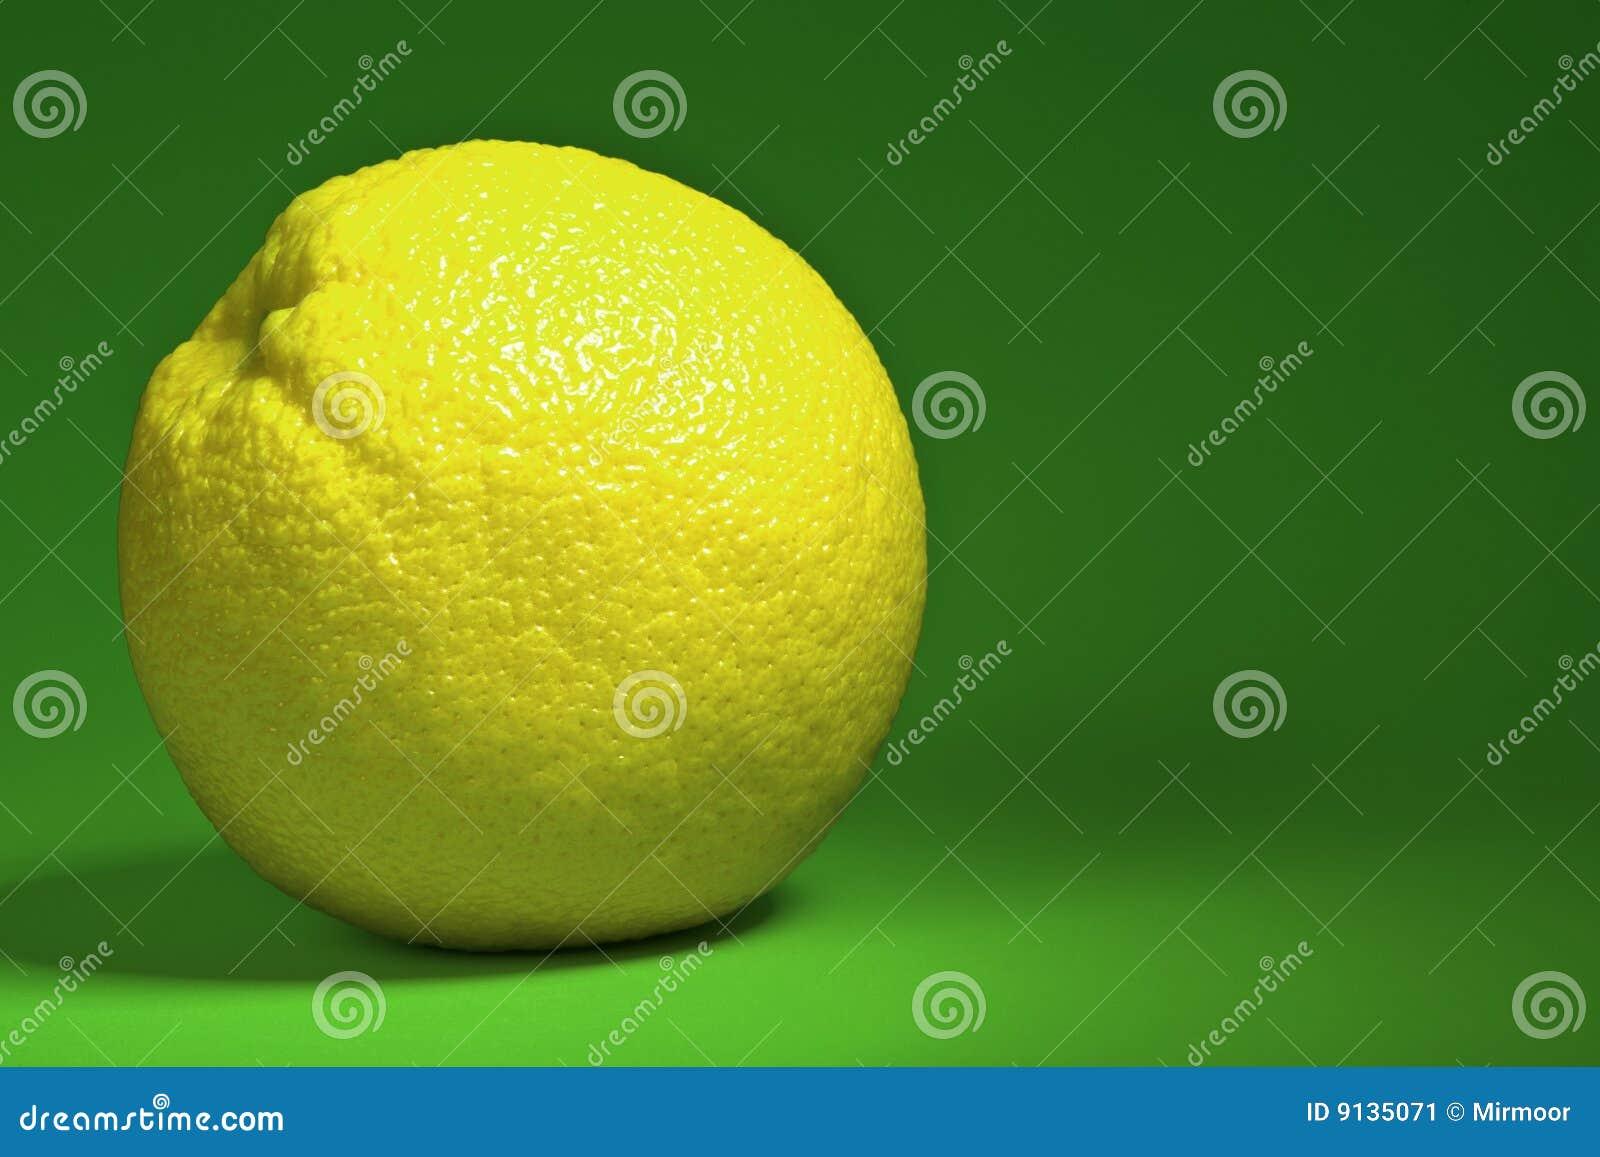 Citron juteux.